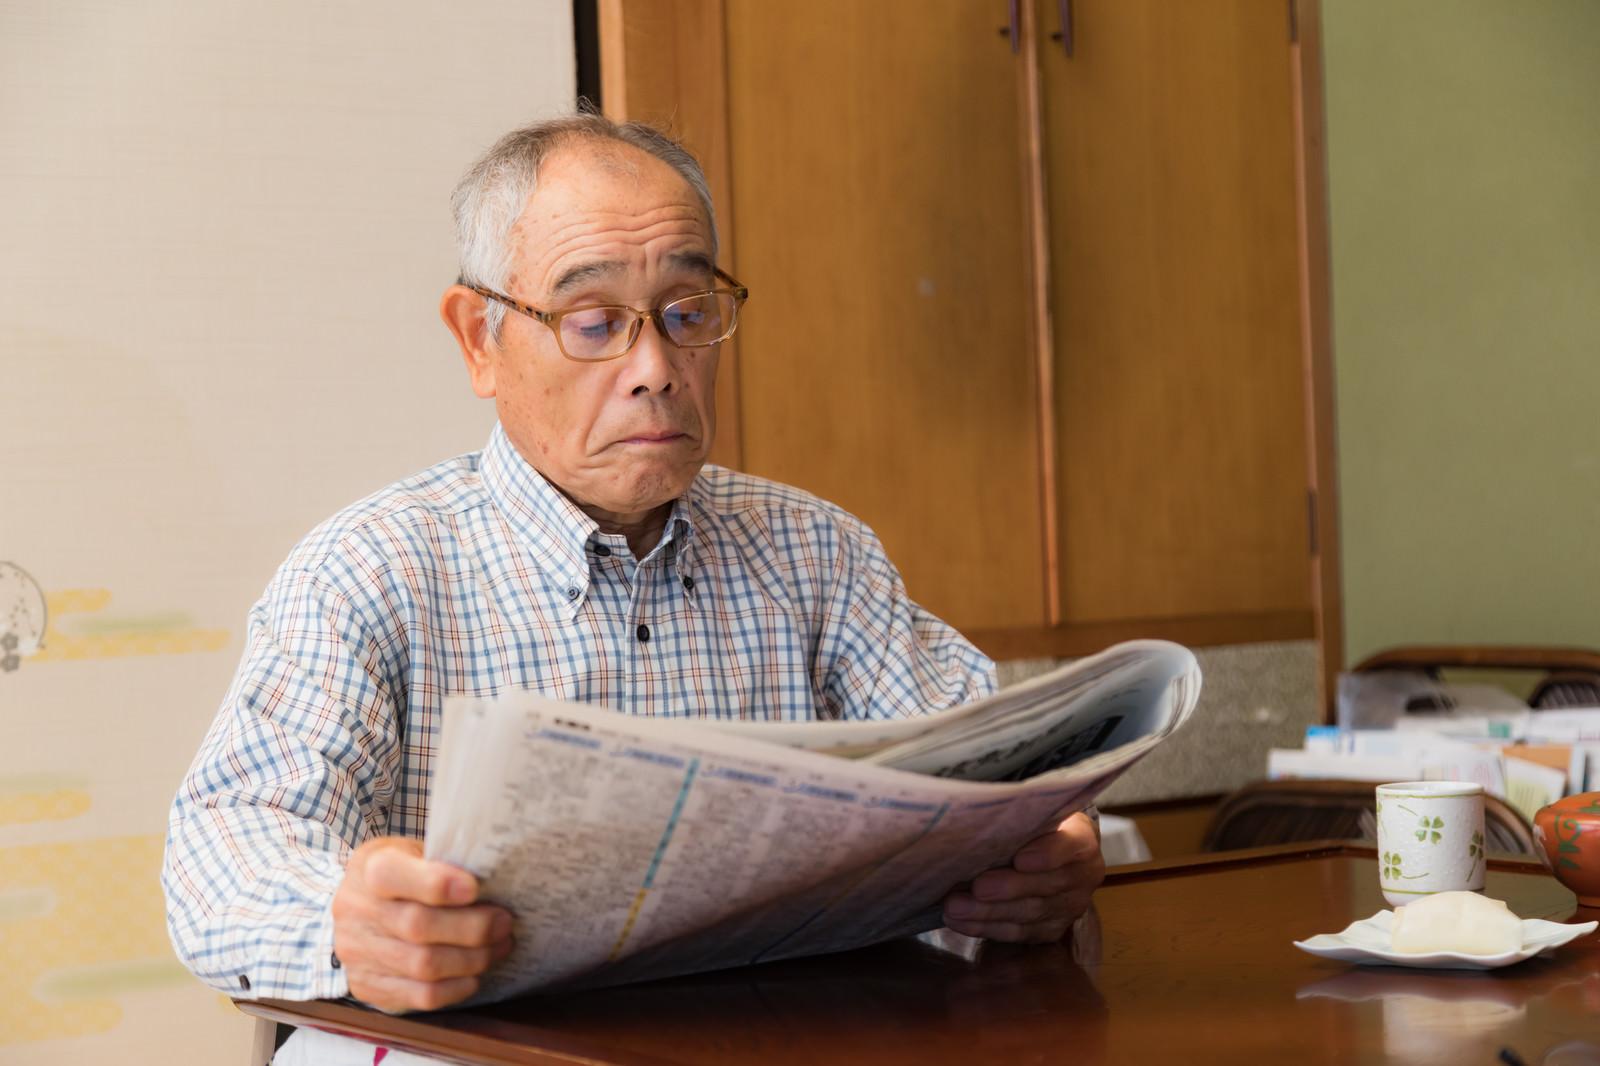 「朝刊に目を通すお爺さん」の写真[モデル:まーちゃん]